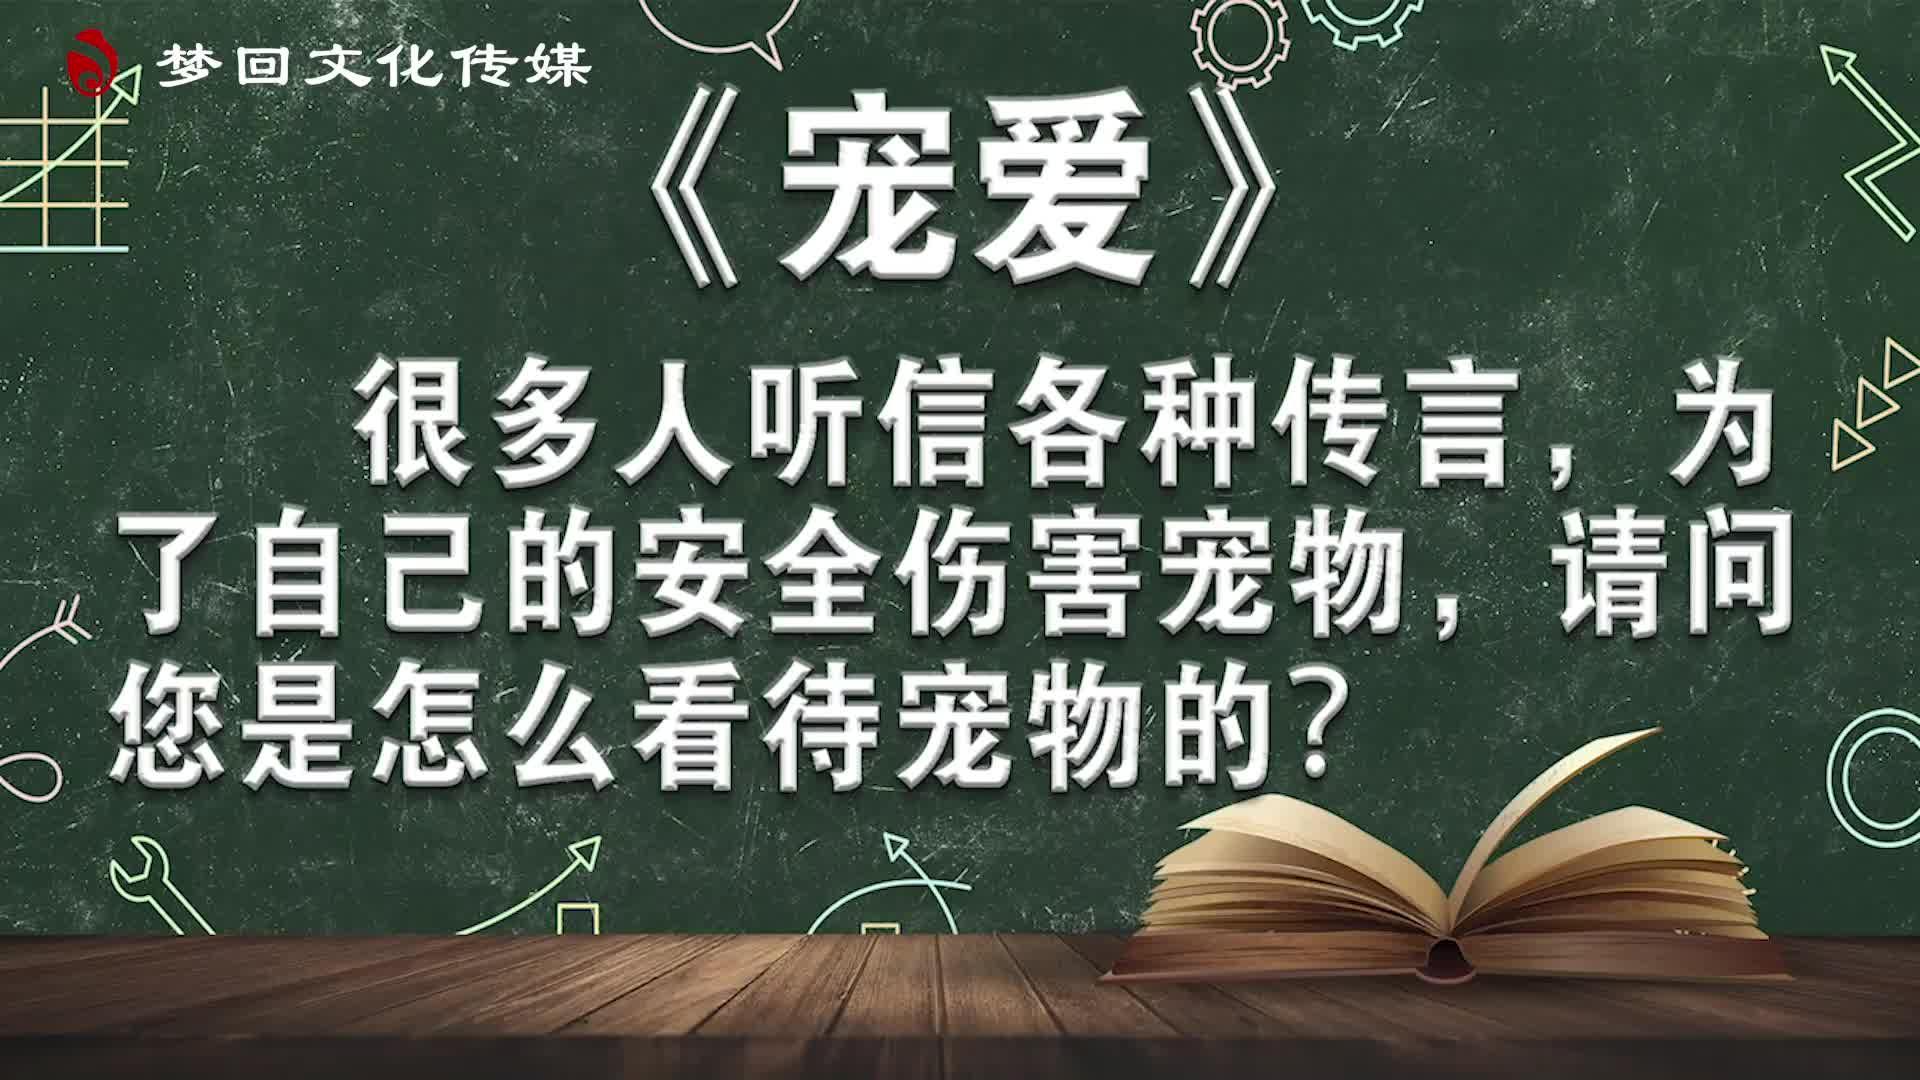 【赵老师的电影课】宠爱